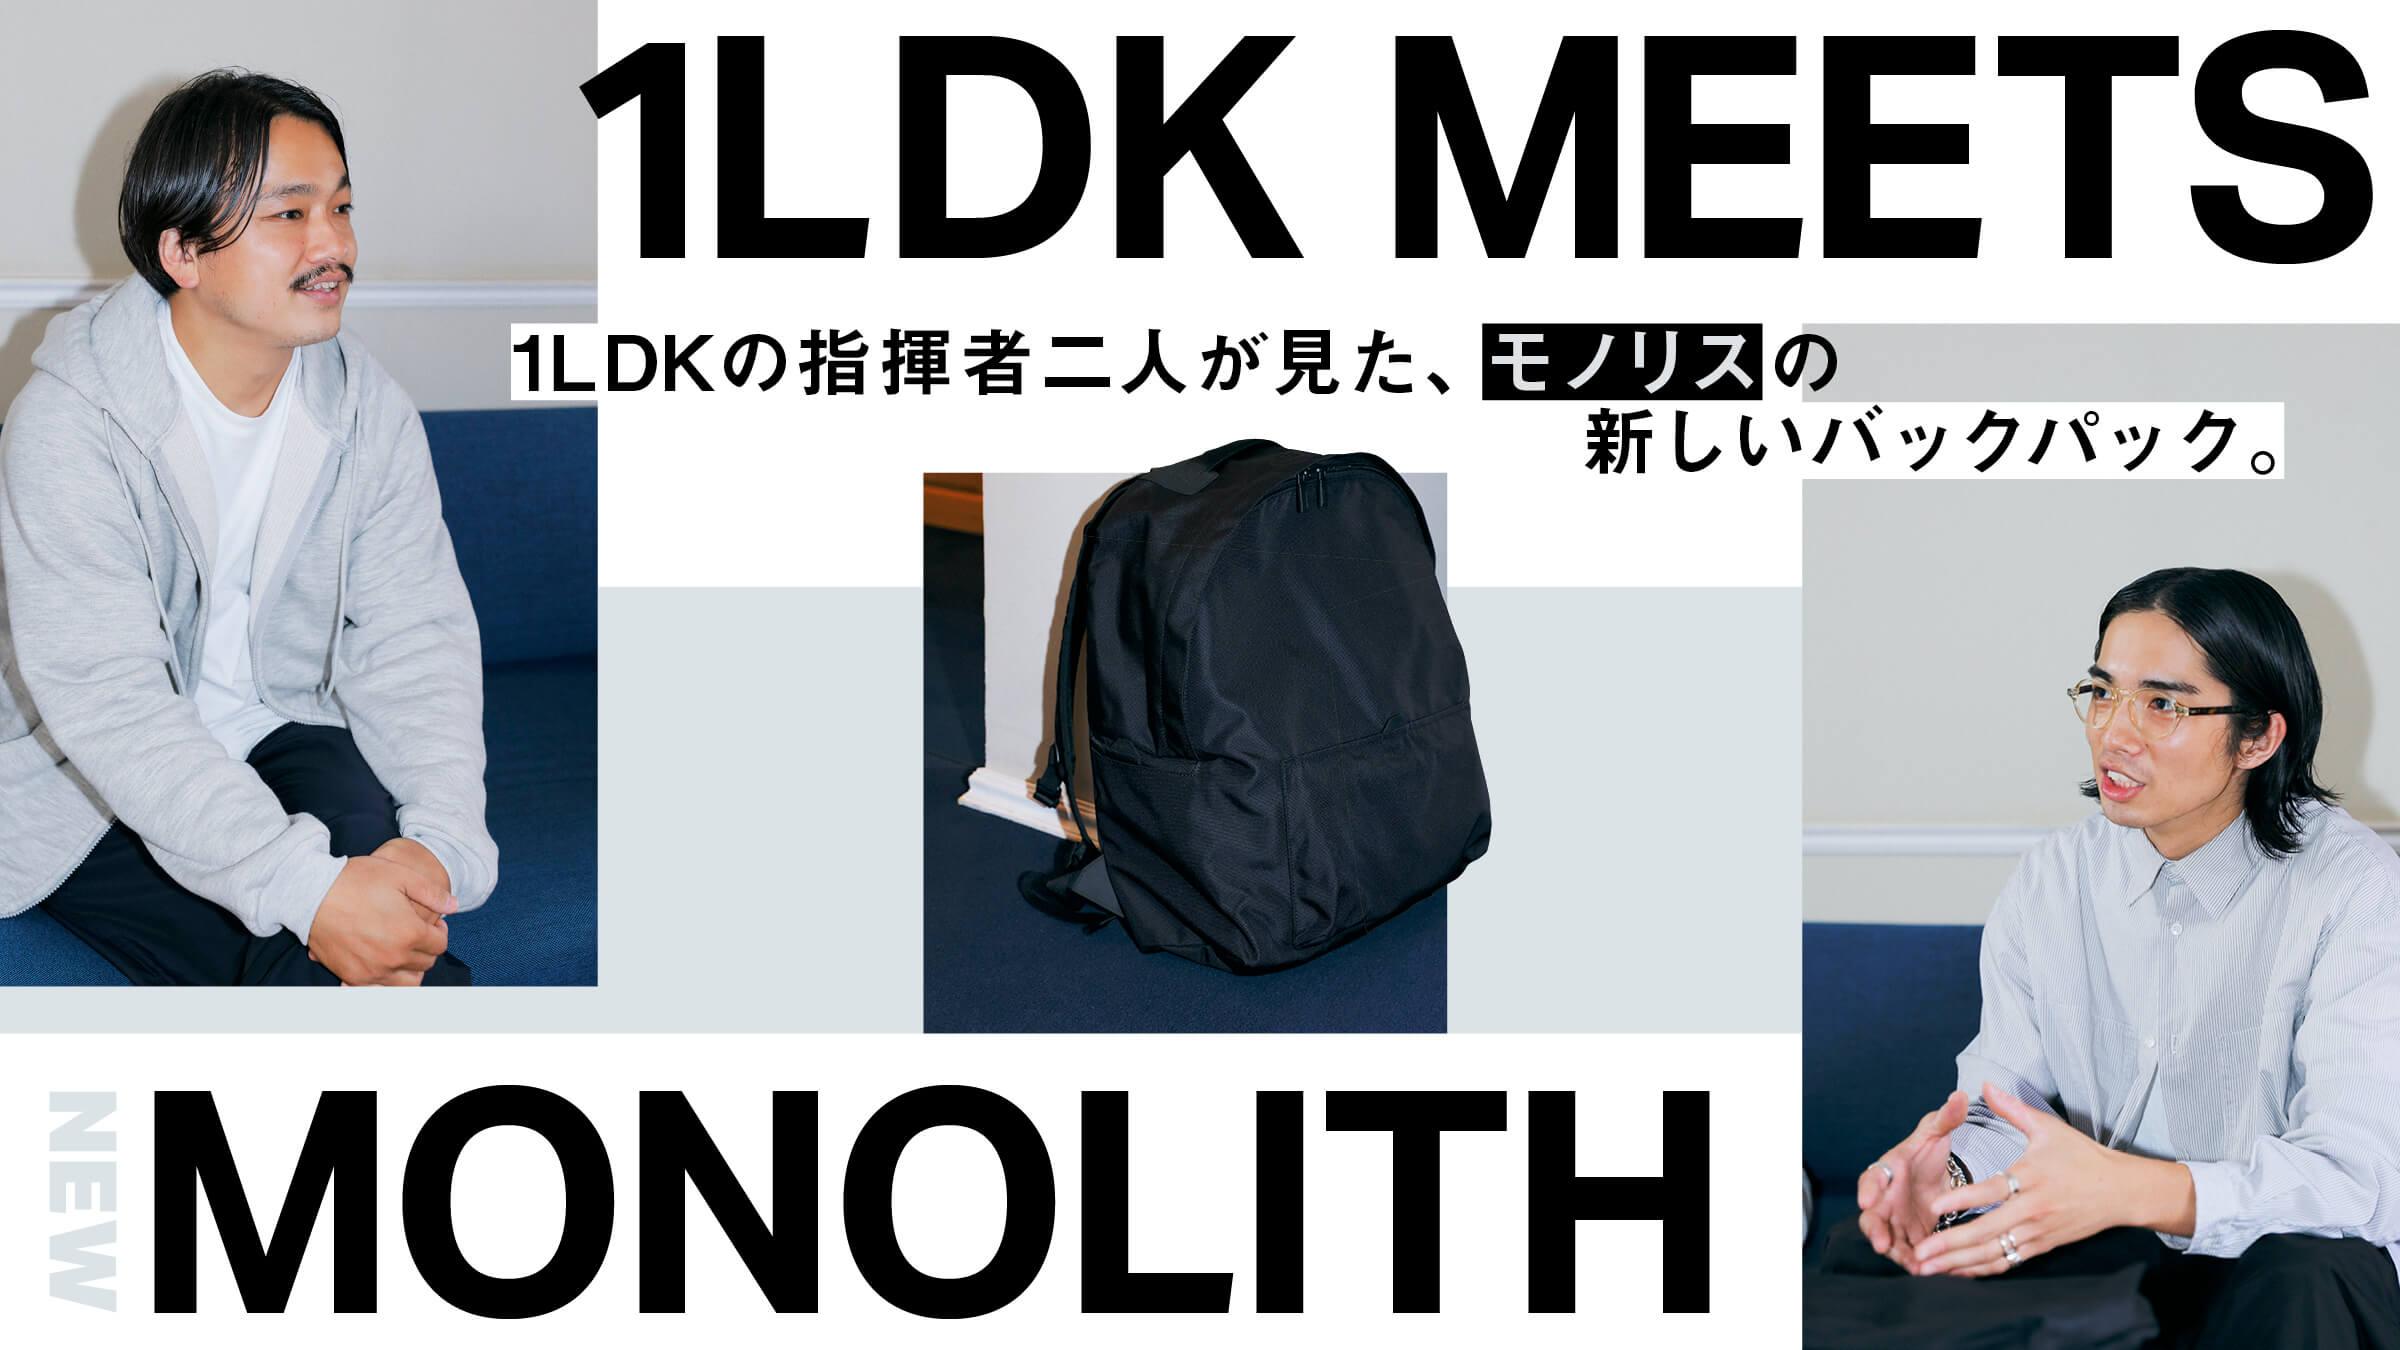 1LDKの指揮者二人が見た、モノリスの新しいバックパック。